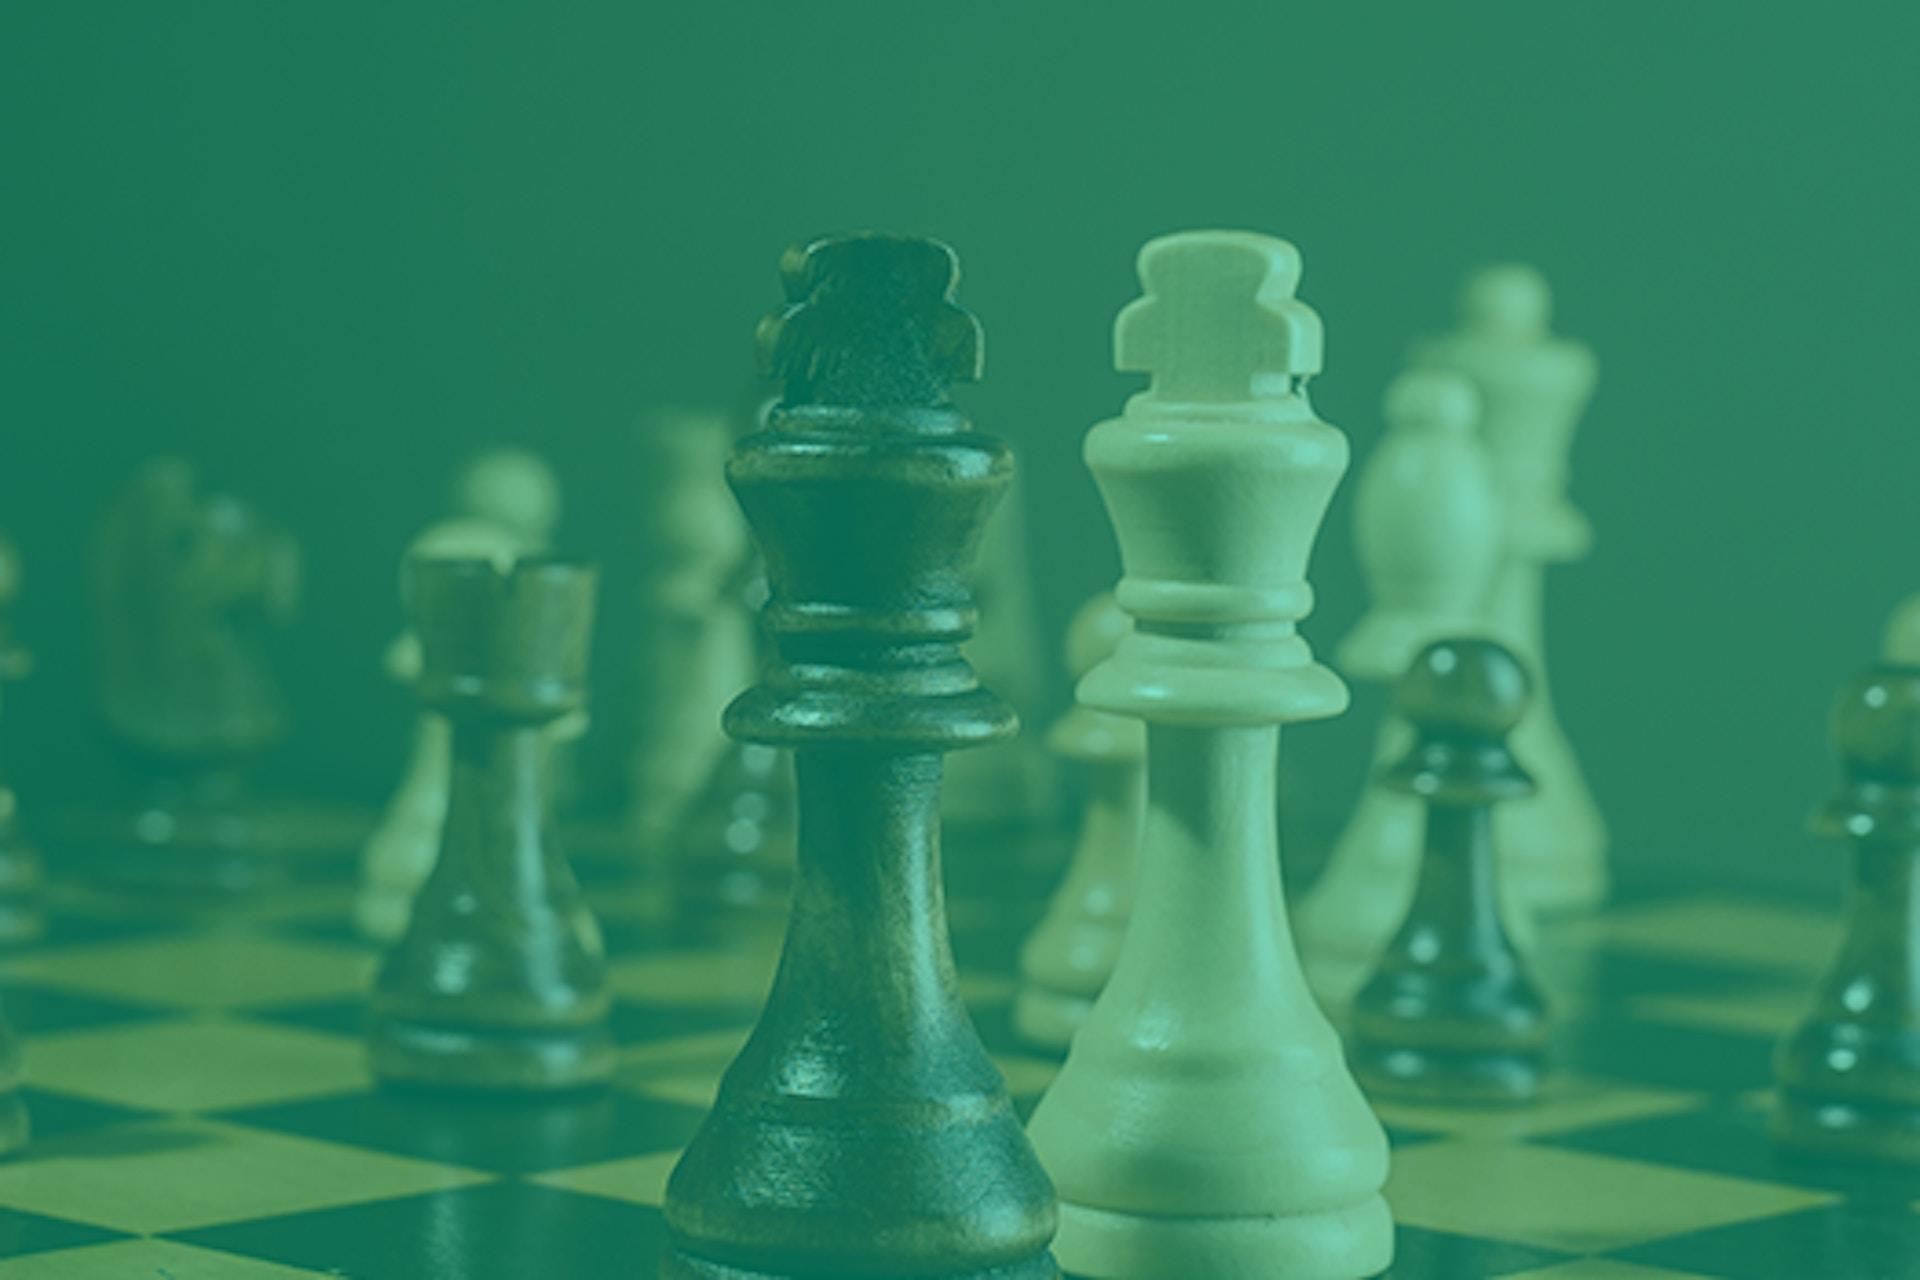 Man sieht ein Schachfeld mit den beiden Königinnen im Vordergrund. Das ist das Titelbild unseres Beitrags zum Thema Wettbewerbsanalyse.